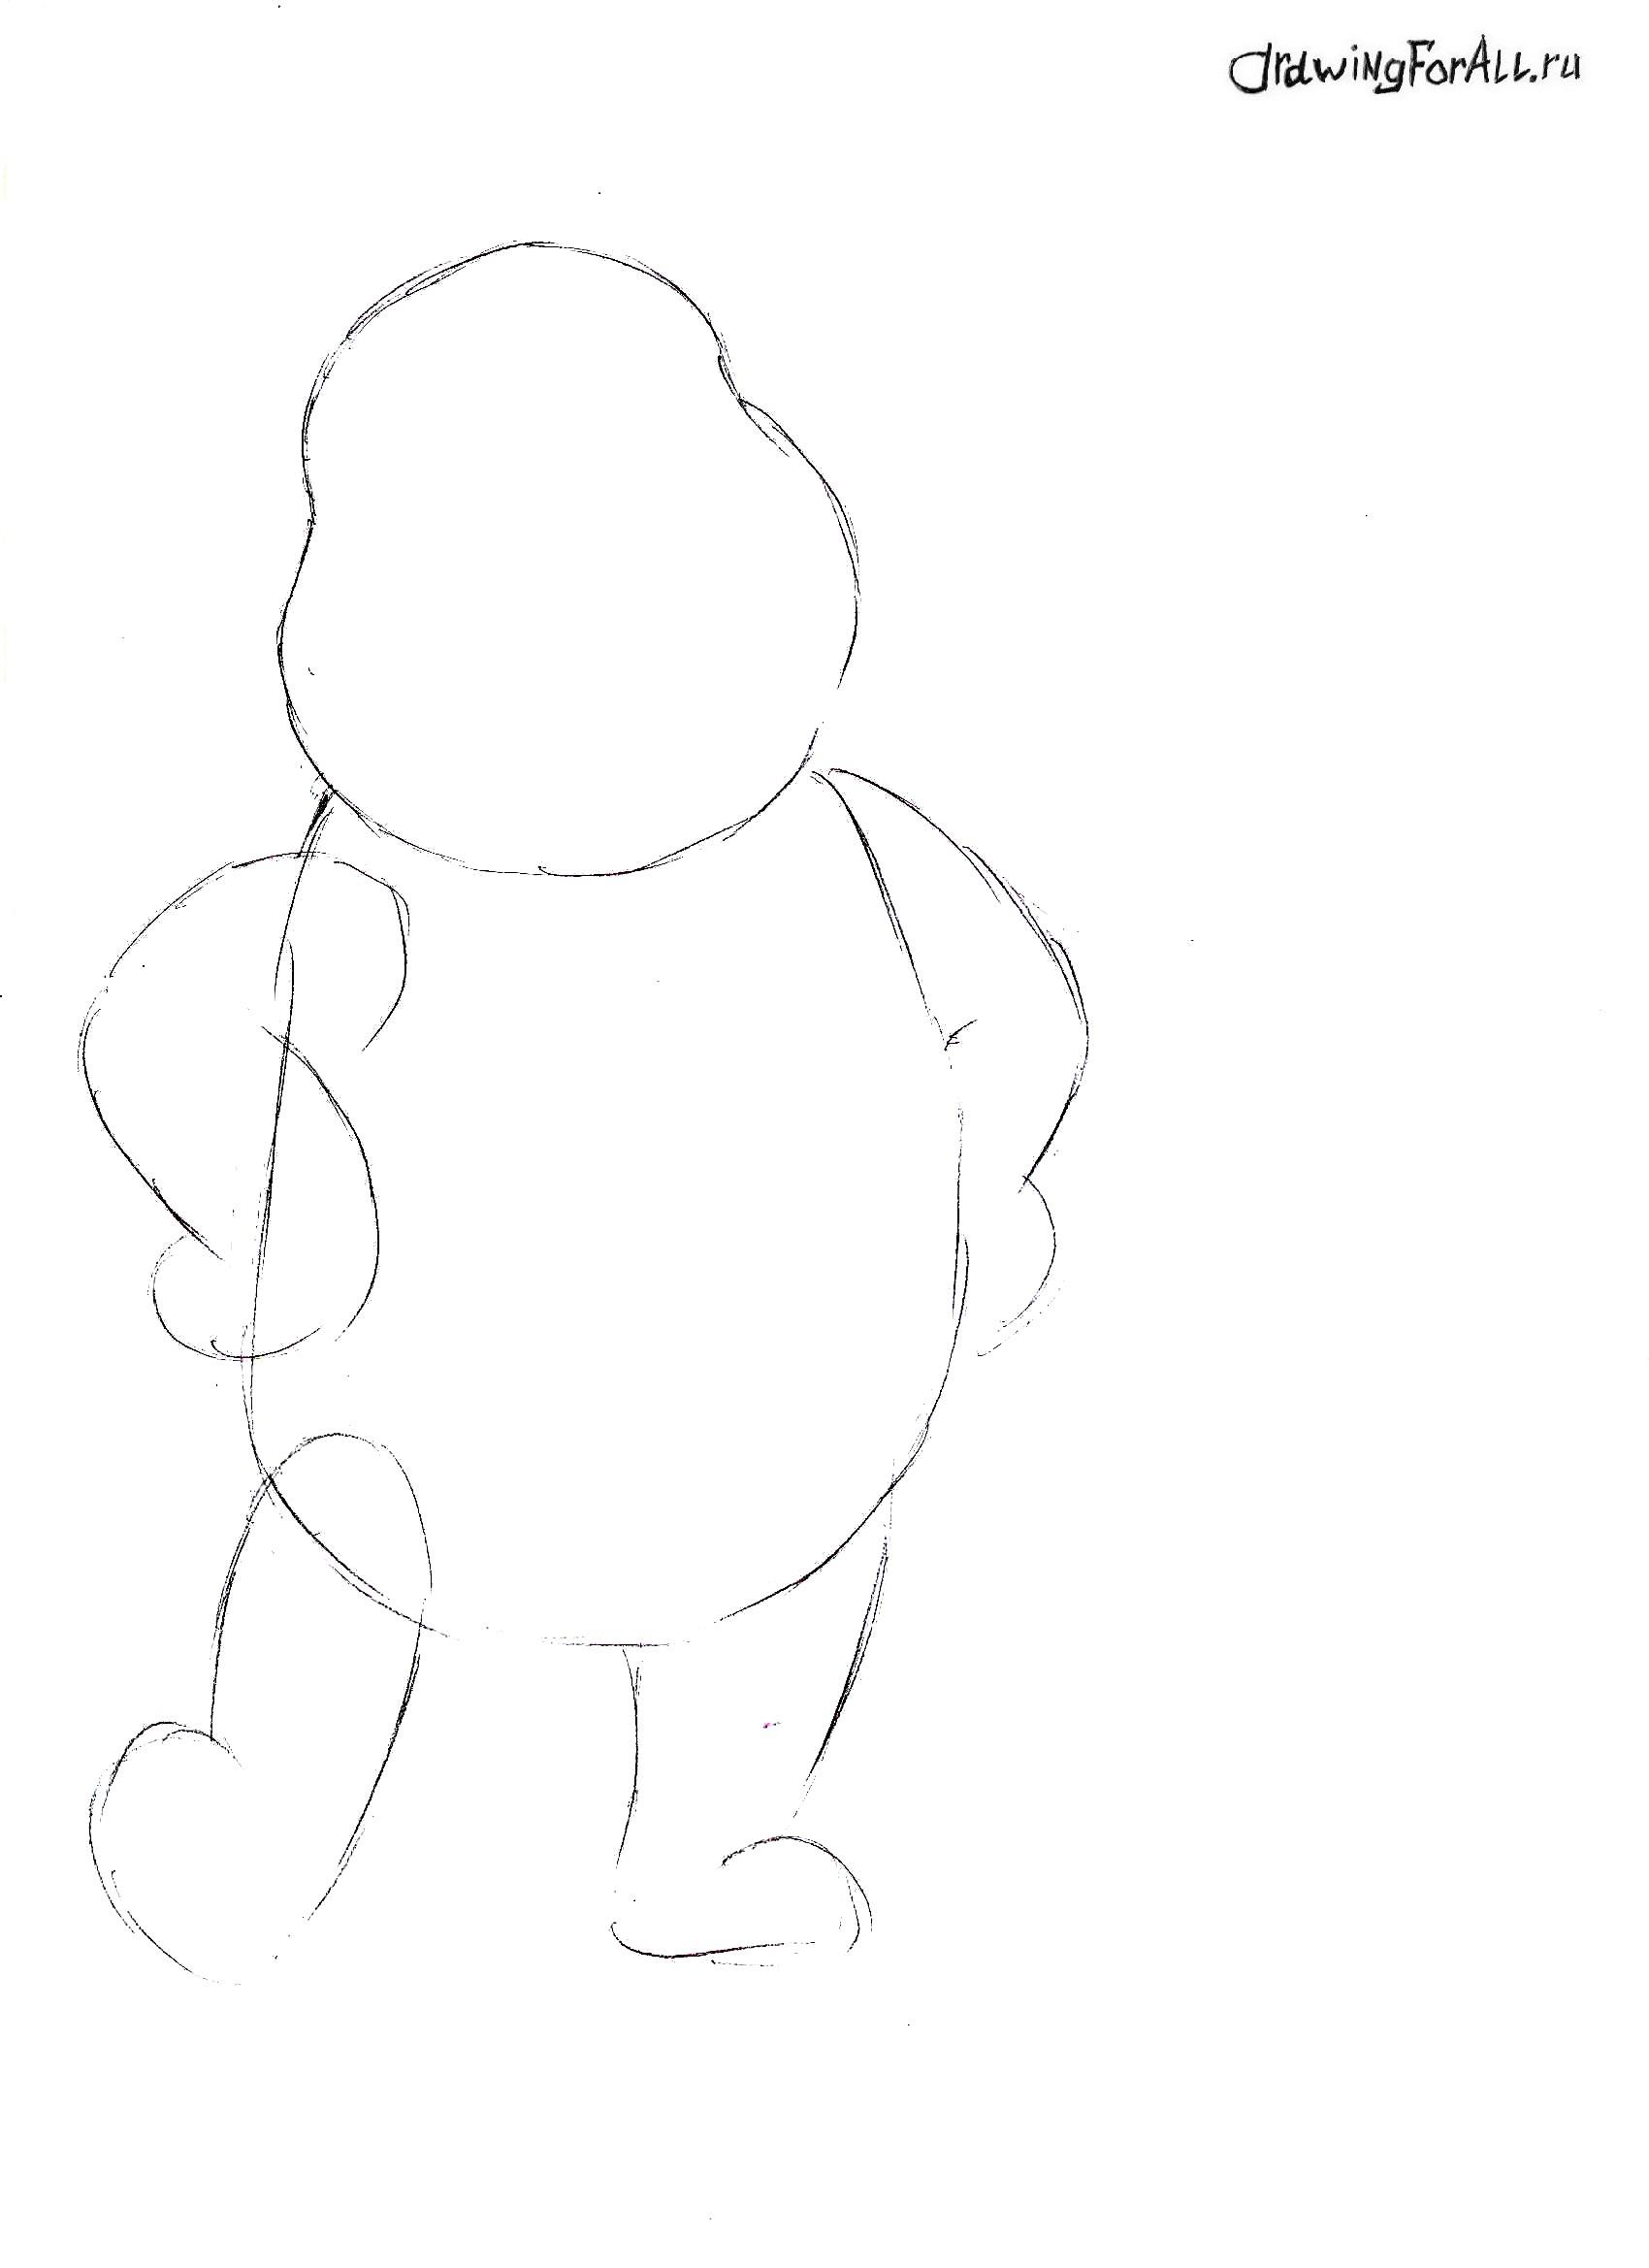 Винни Пух нарисованный карандашом